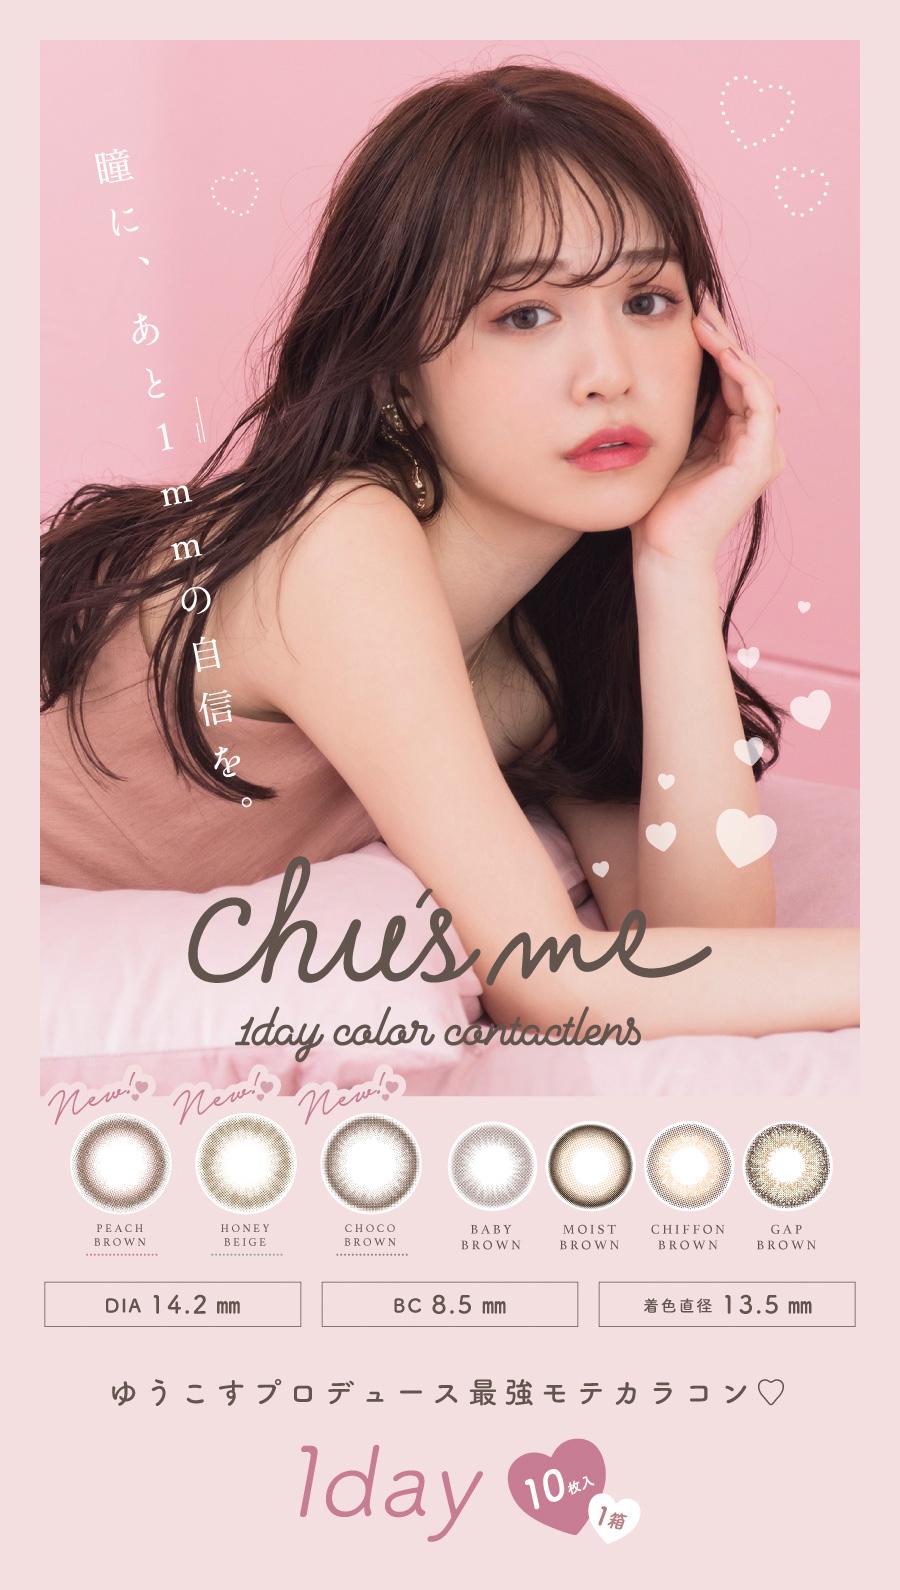 Chu'sme チューズミー(プロデュース/モデル:ゆうこす)